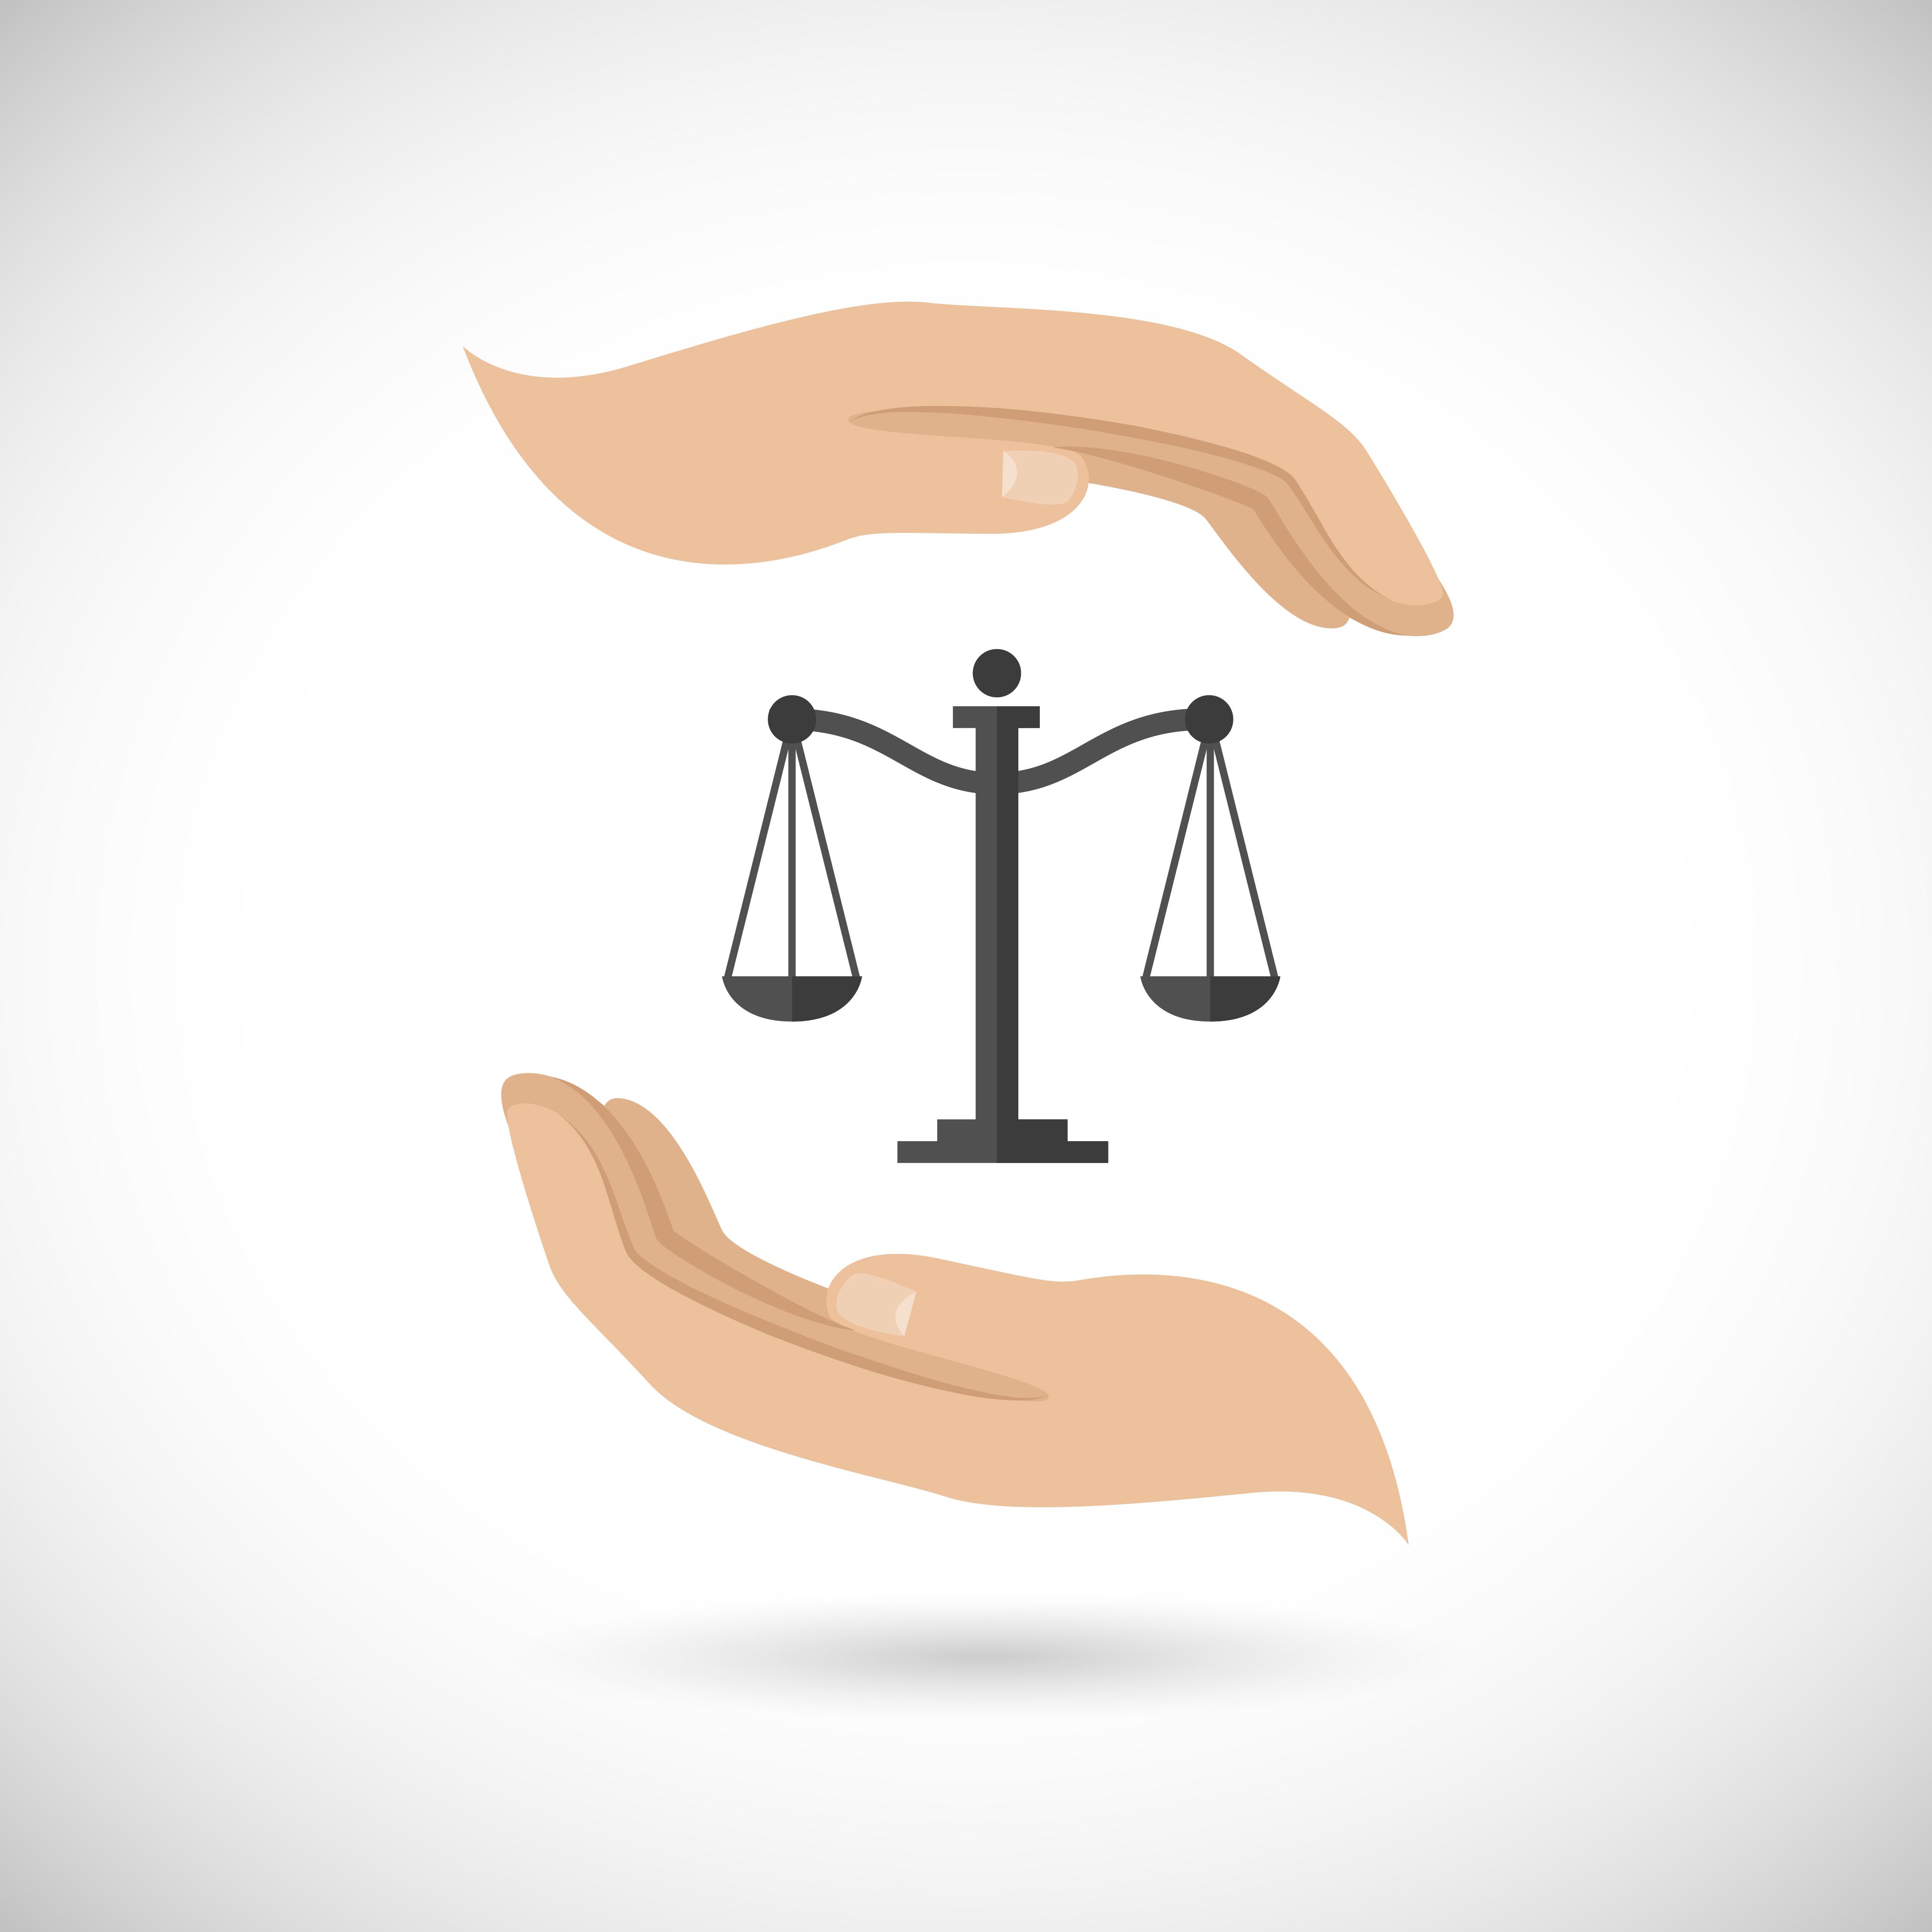 Publicada la Ley 2/2017, de modificación de la Ley de Asistencia Jurídica Gratuita